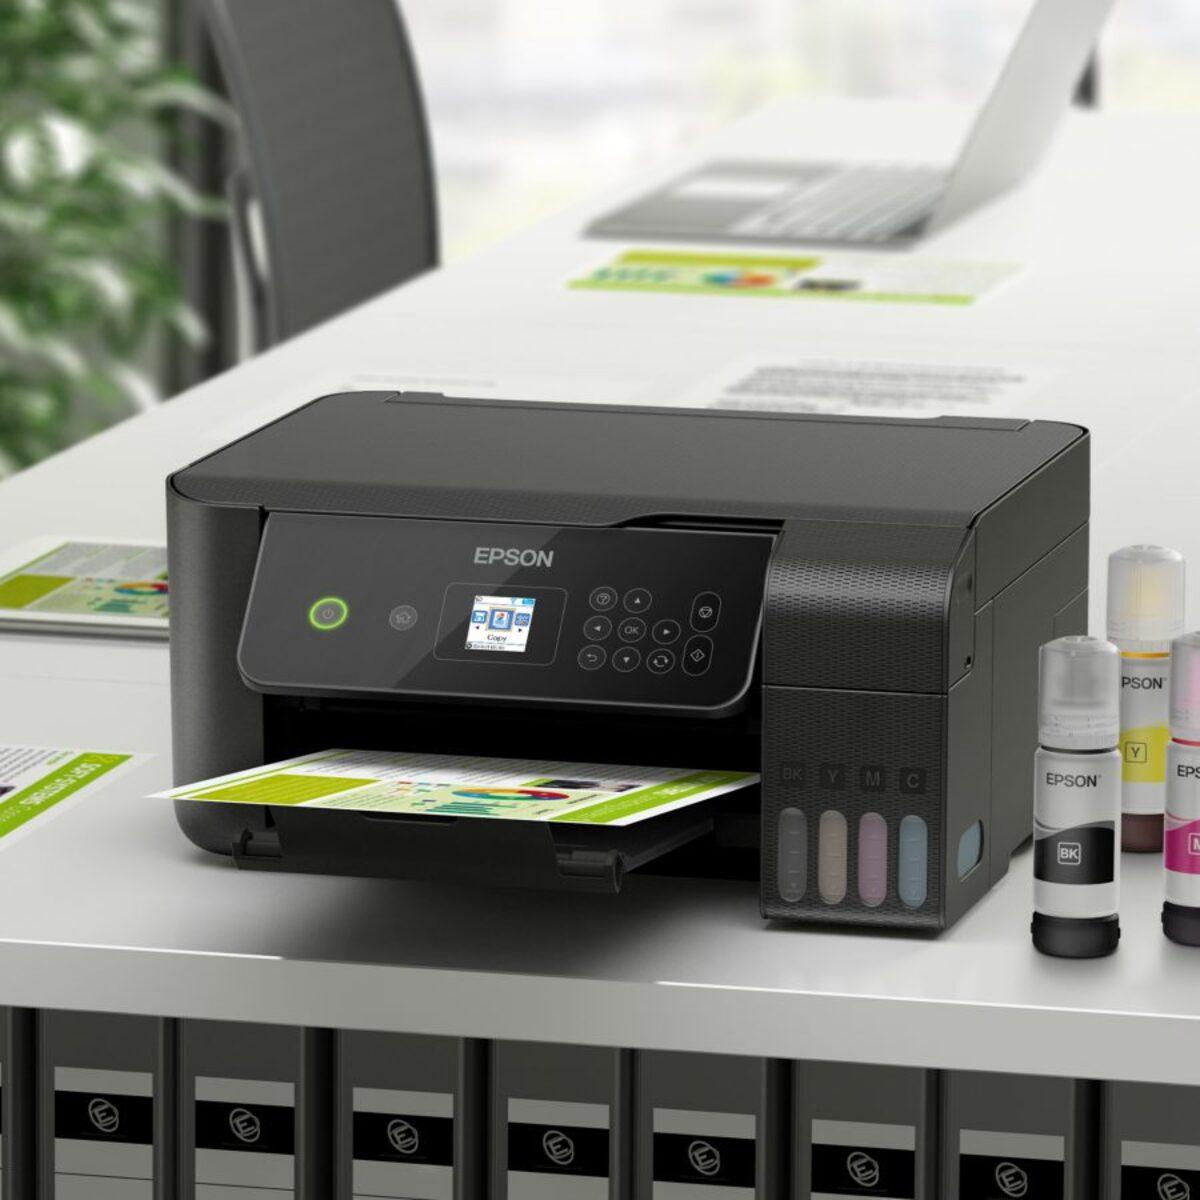 Bild 2 von EPSON     EcoTank ET-2720 3-in-1-Tintenstrahldrucker